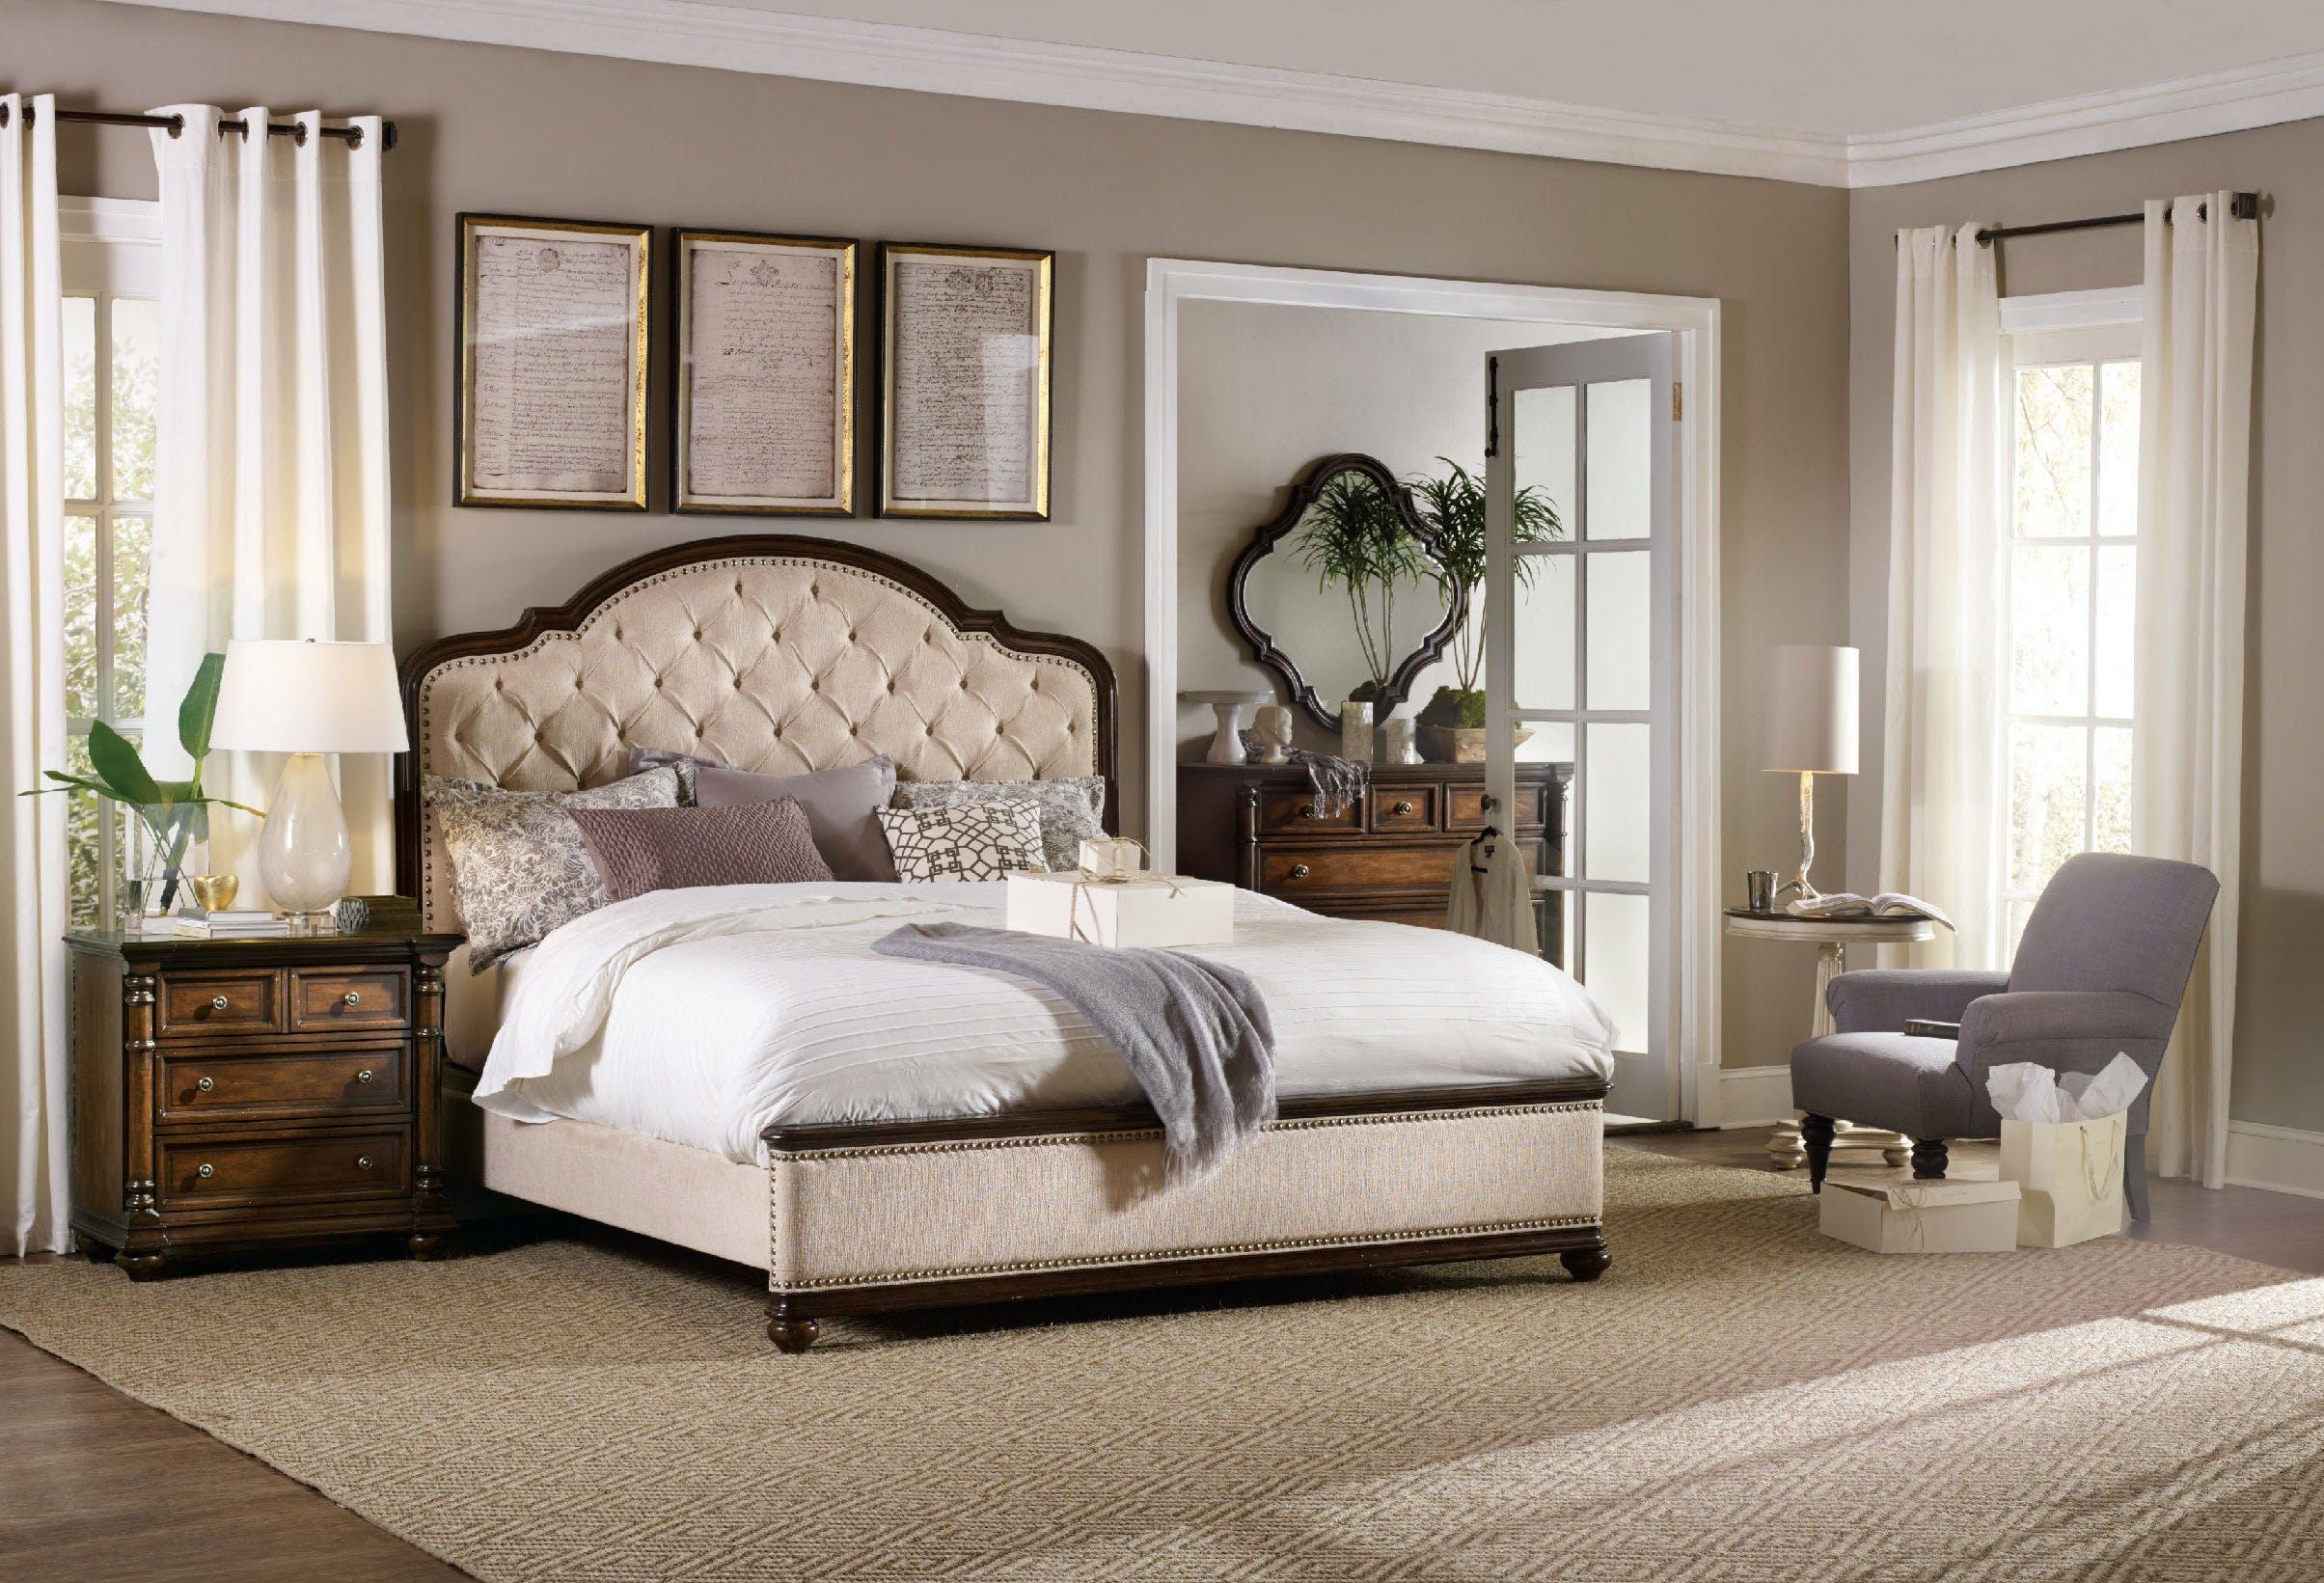 Hooker Furniture Bedroom Leesburg Queen Upholstered Bed 5381 90850